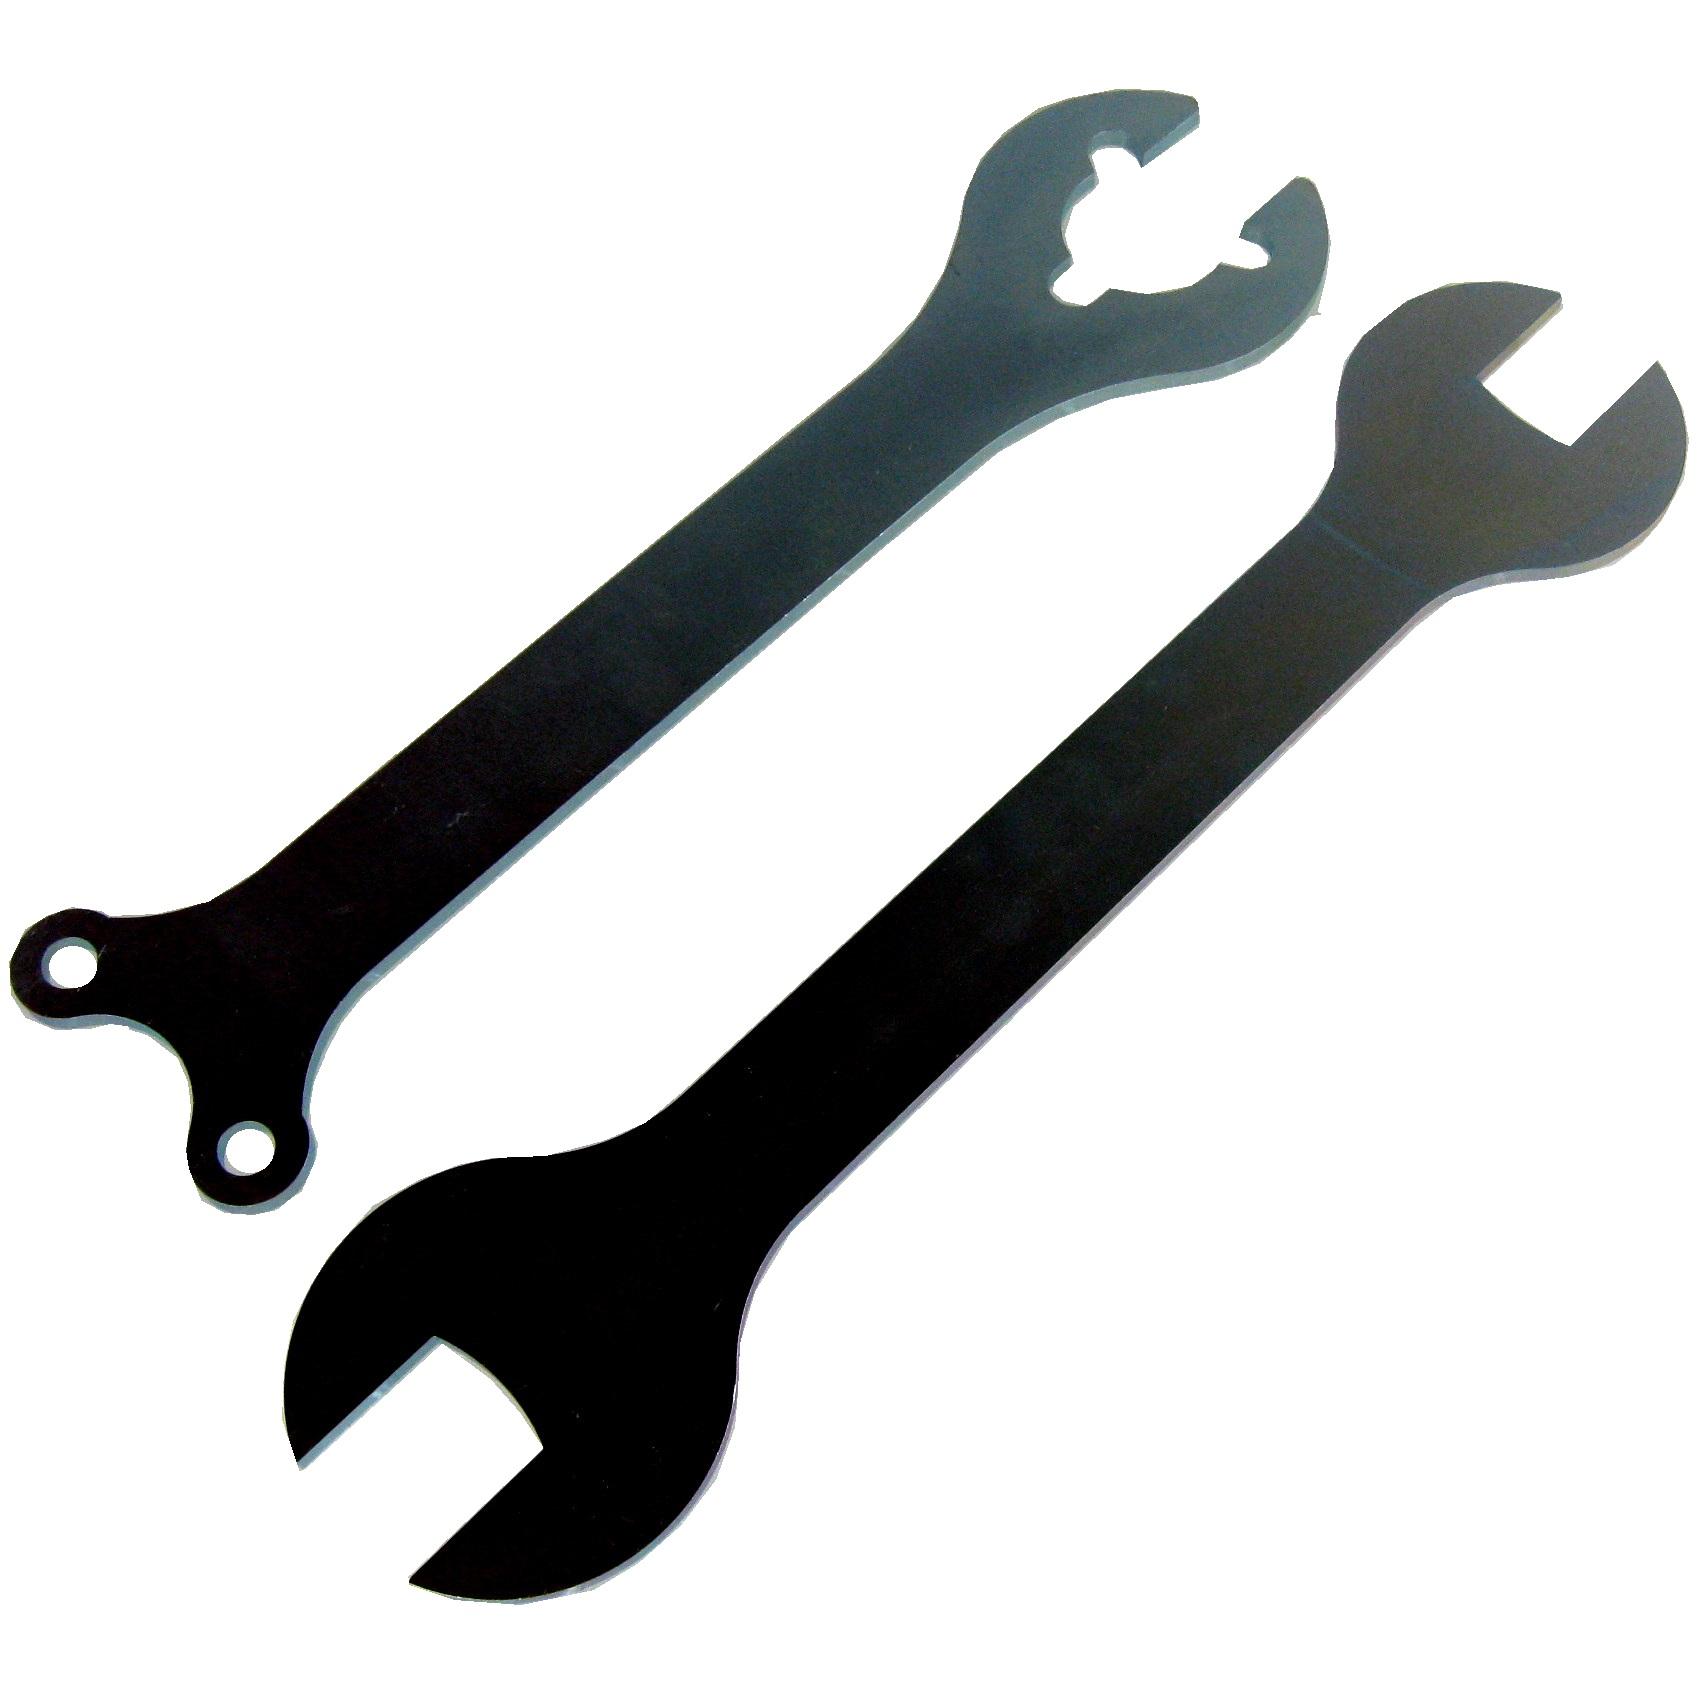 fan removal tool. item specifics fan removal tool